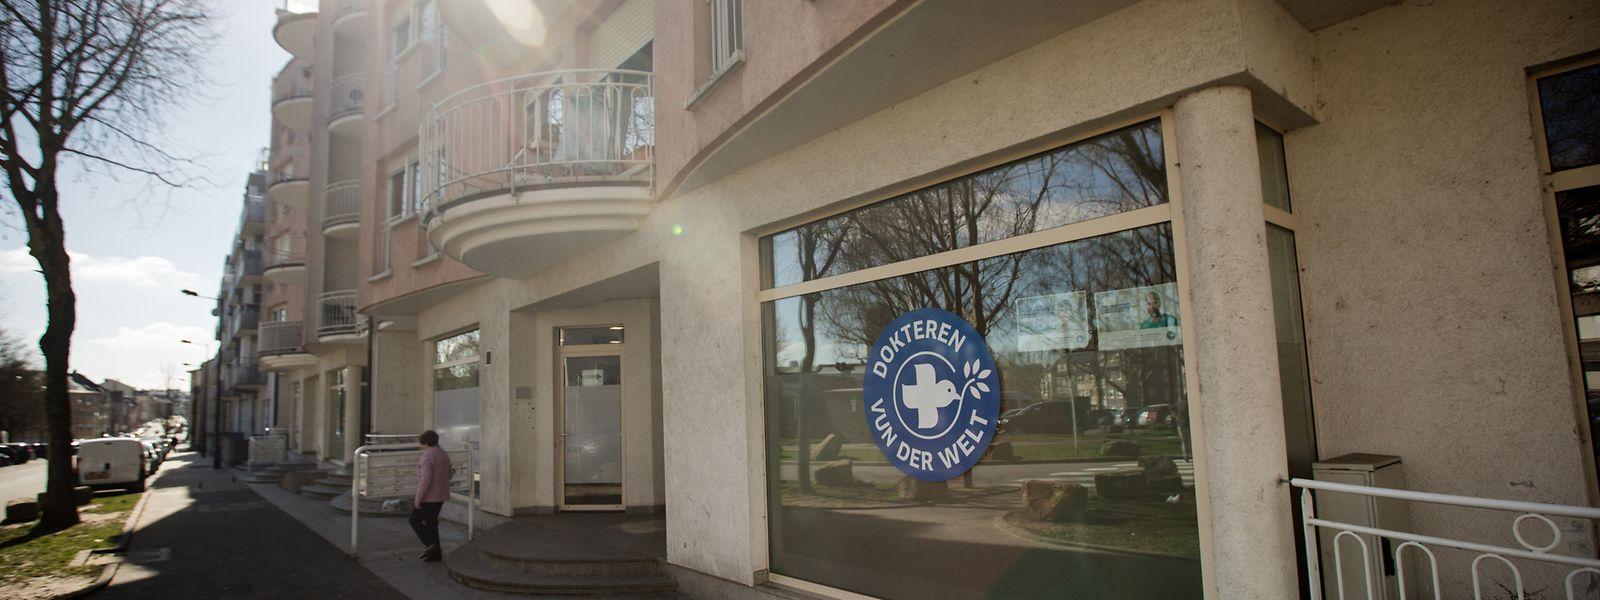 In den Räumlichkeiten auf Nummer 30, Dernier Sol in Bonneweg, sind die Médecins du Monde montags, mittwochs und freitags im Einsatz. Weitere Sprechstunden finden im nahe gelegenen Foyer Esperanza sowie in Esch/Alzette statt.